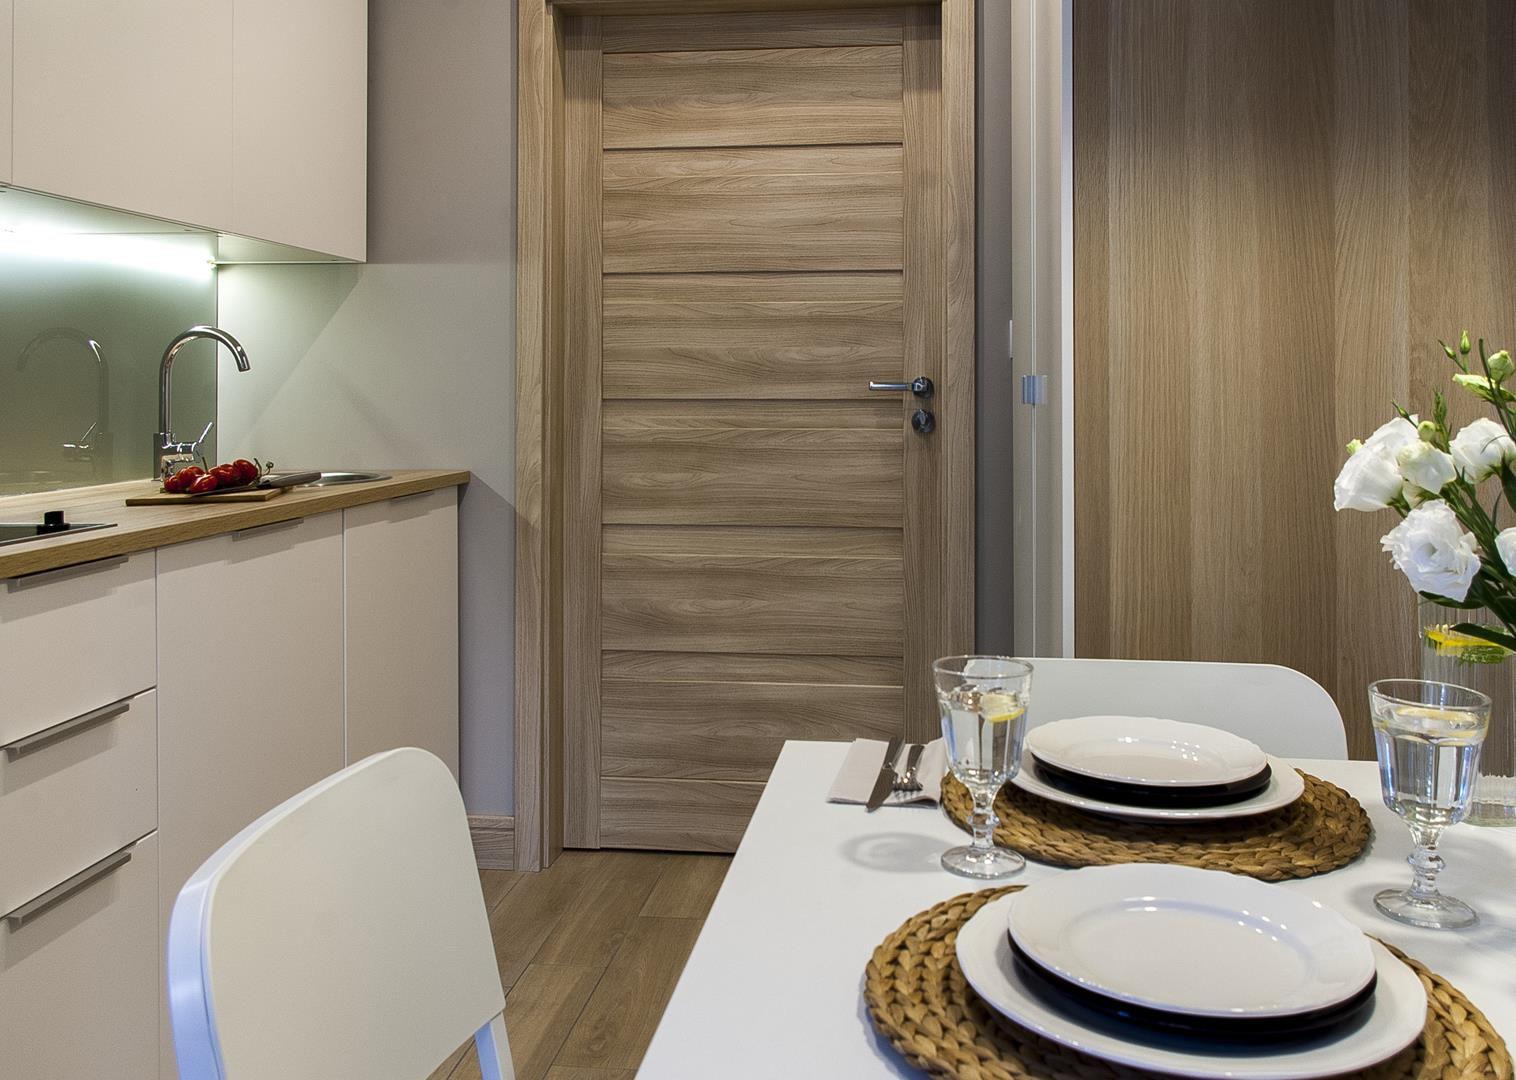 apartamenty w częstochowie, kuchnia i jadalnia